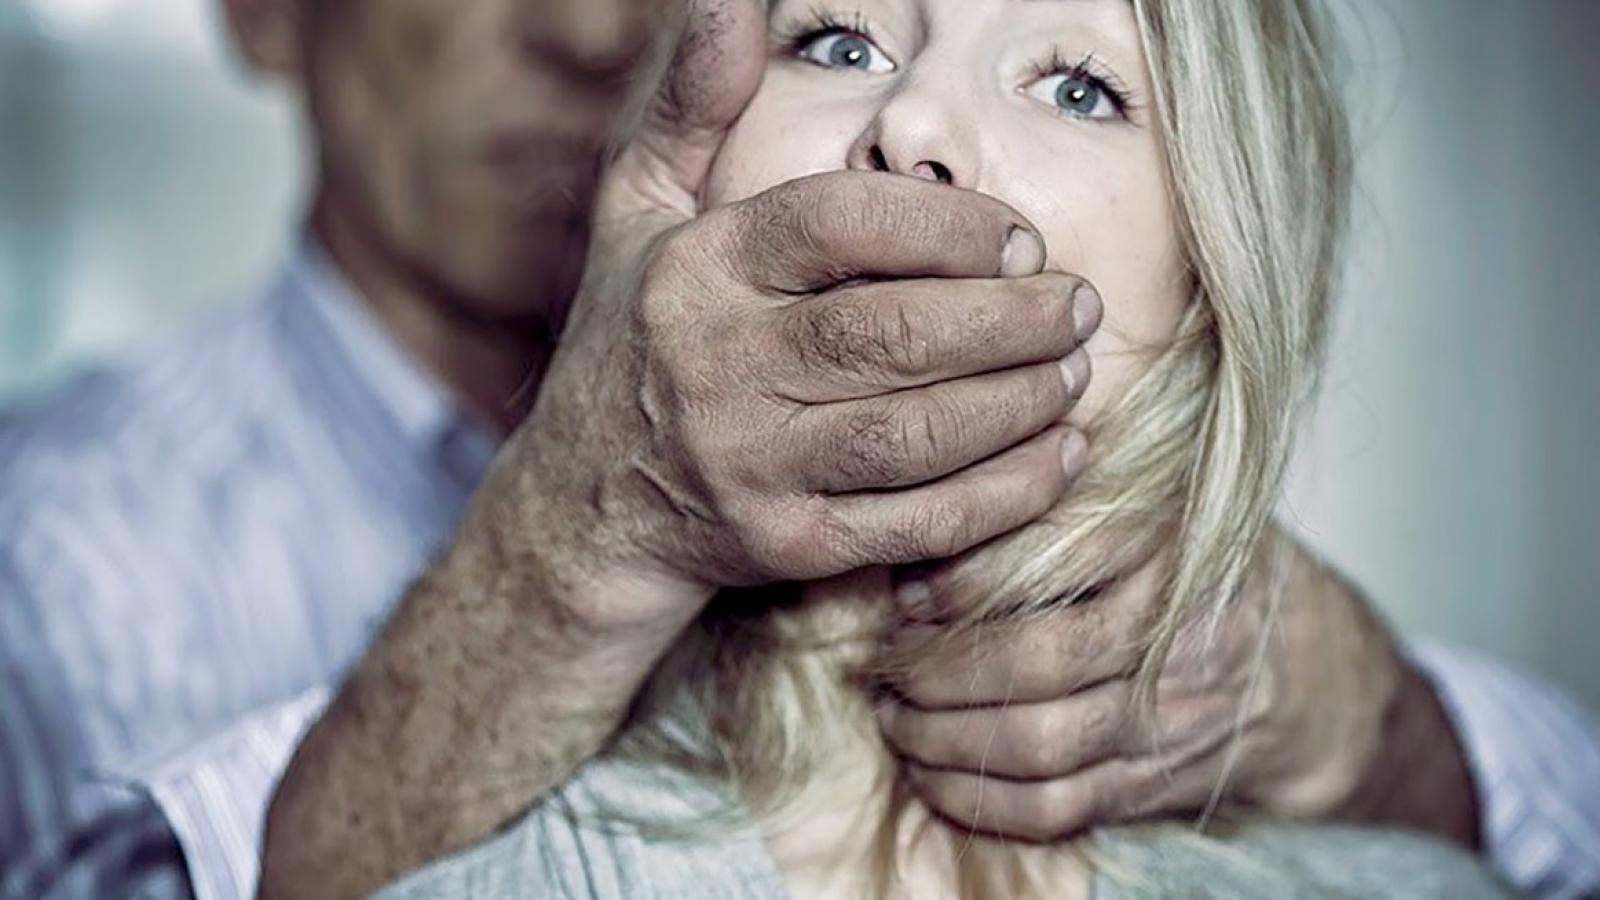 Дело об изнасиловании прекращено в связи с самоубийством обвиняемого